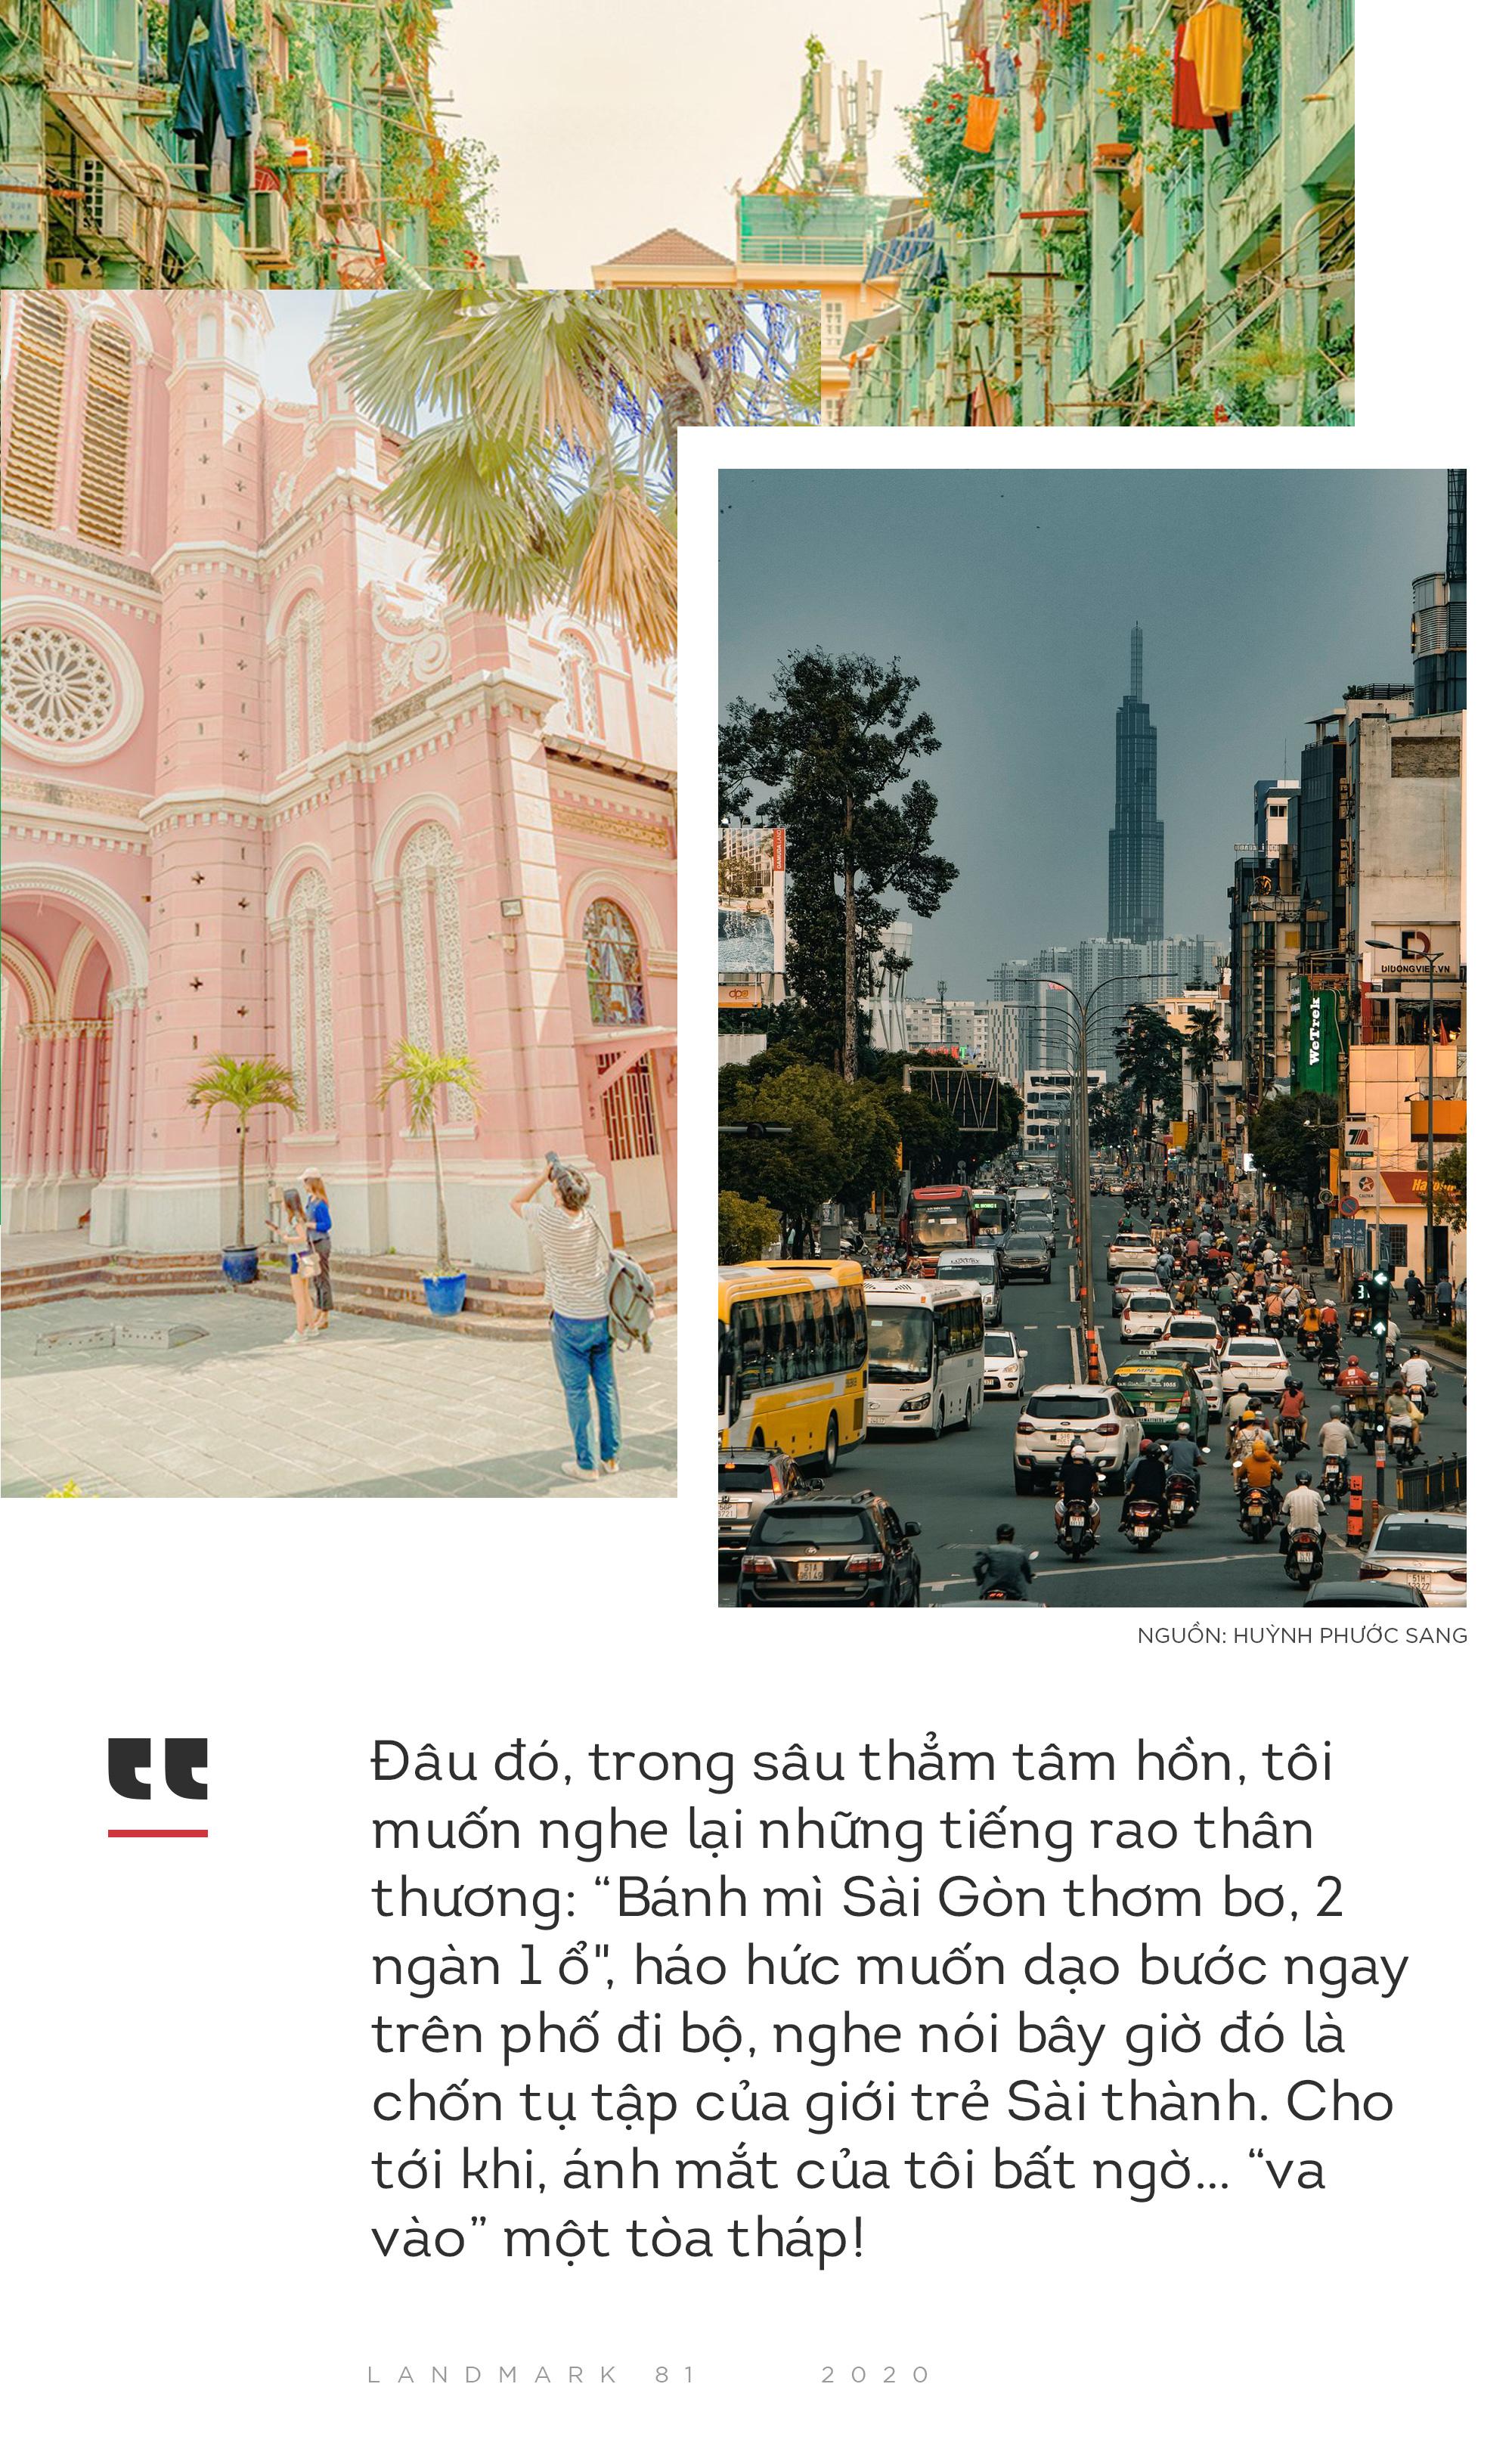 """Du học sinh về nhà hậu COVID-19: """"Việt Nam thân thương chắc chắn sẽ tiếp tục khiến chúng ta tự hào!"""" - Ảnh 3."""